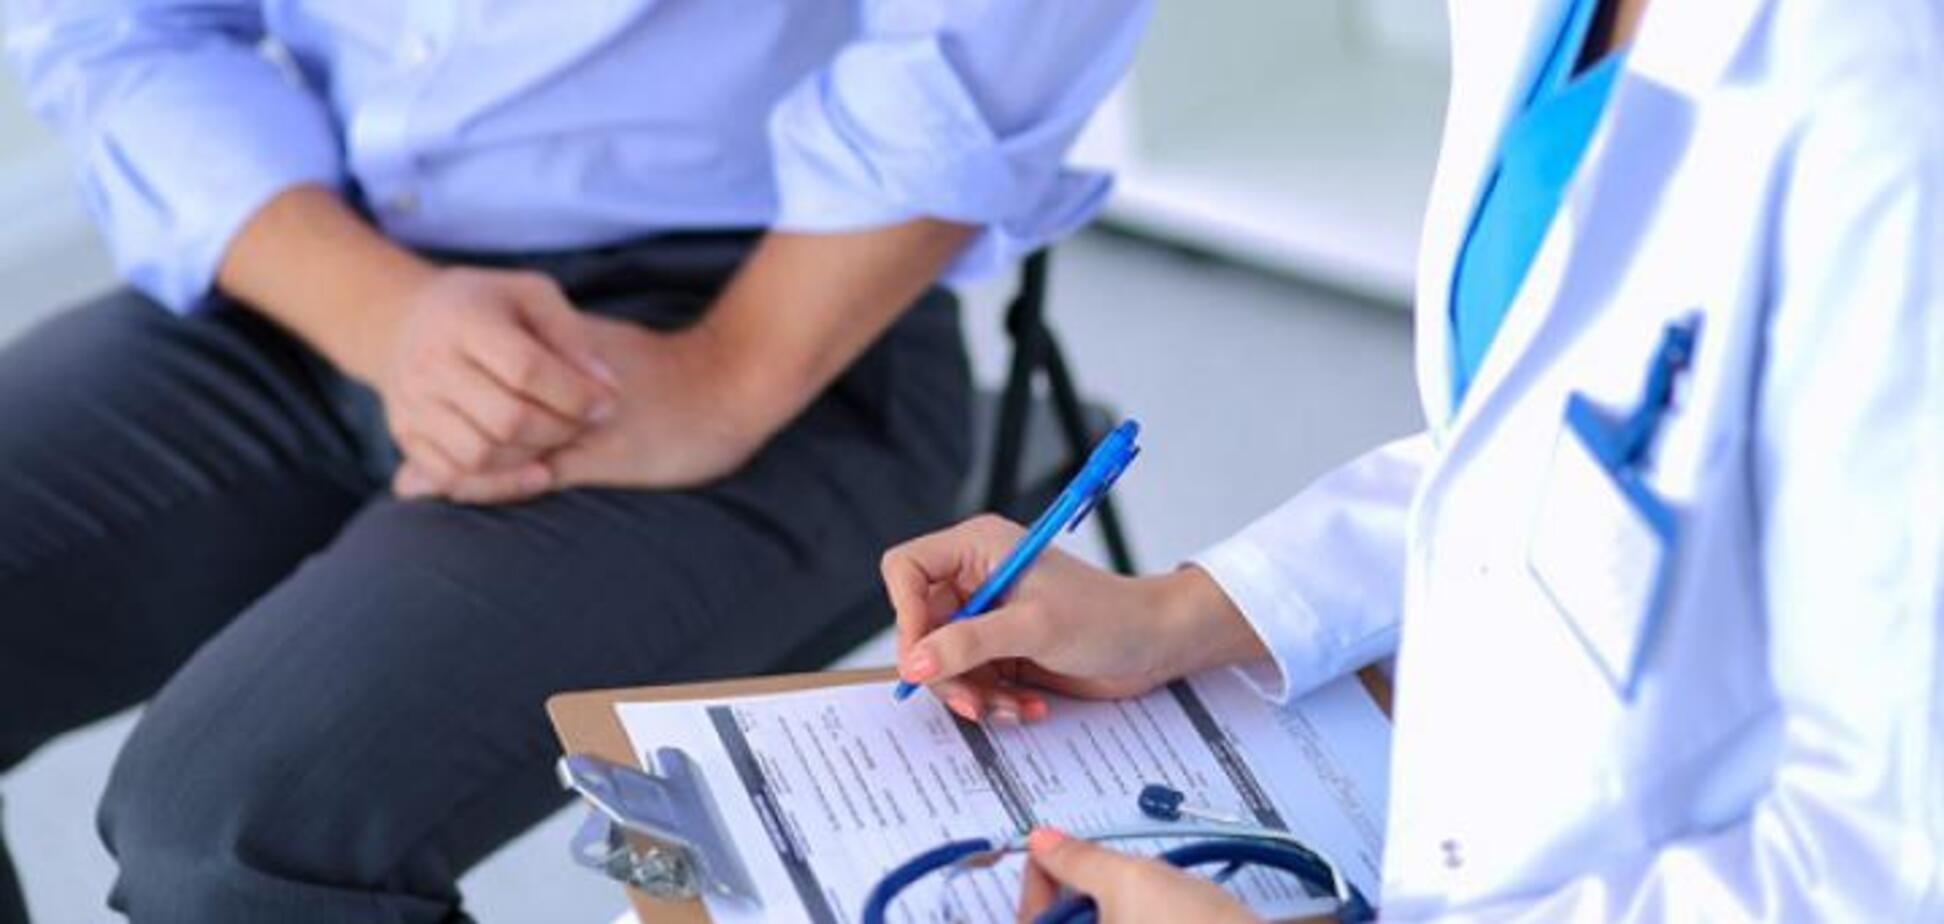 Декларация с врачом: эксперт уточнил детали медицинской реформы